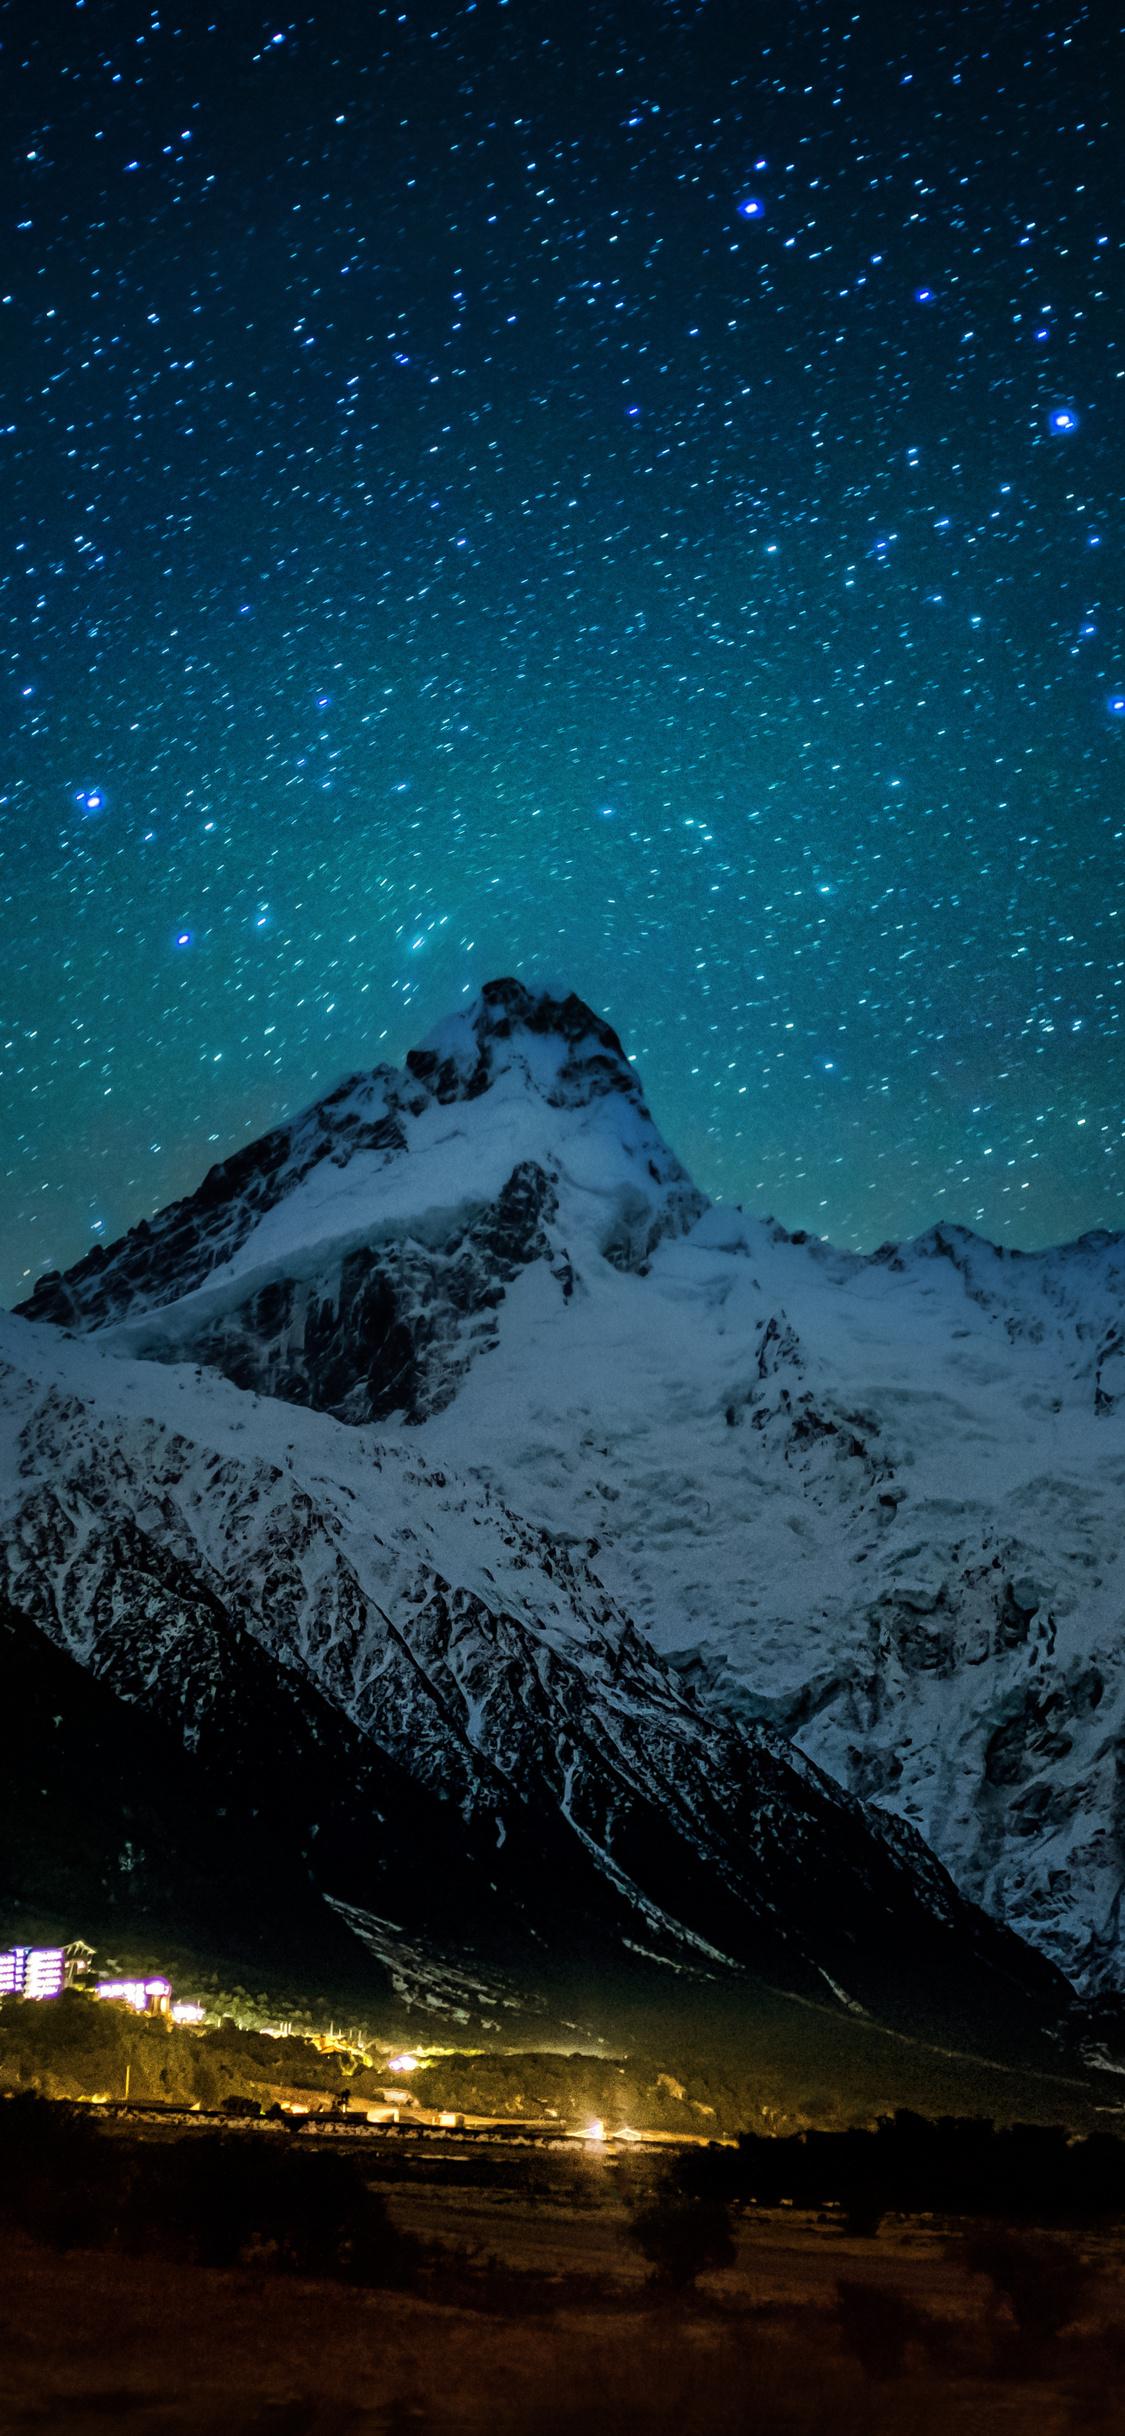 mount-cook-village-under-the-winter-stars-8k-sk.jpg